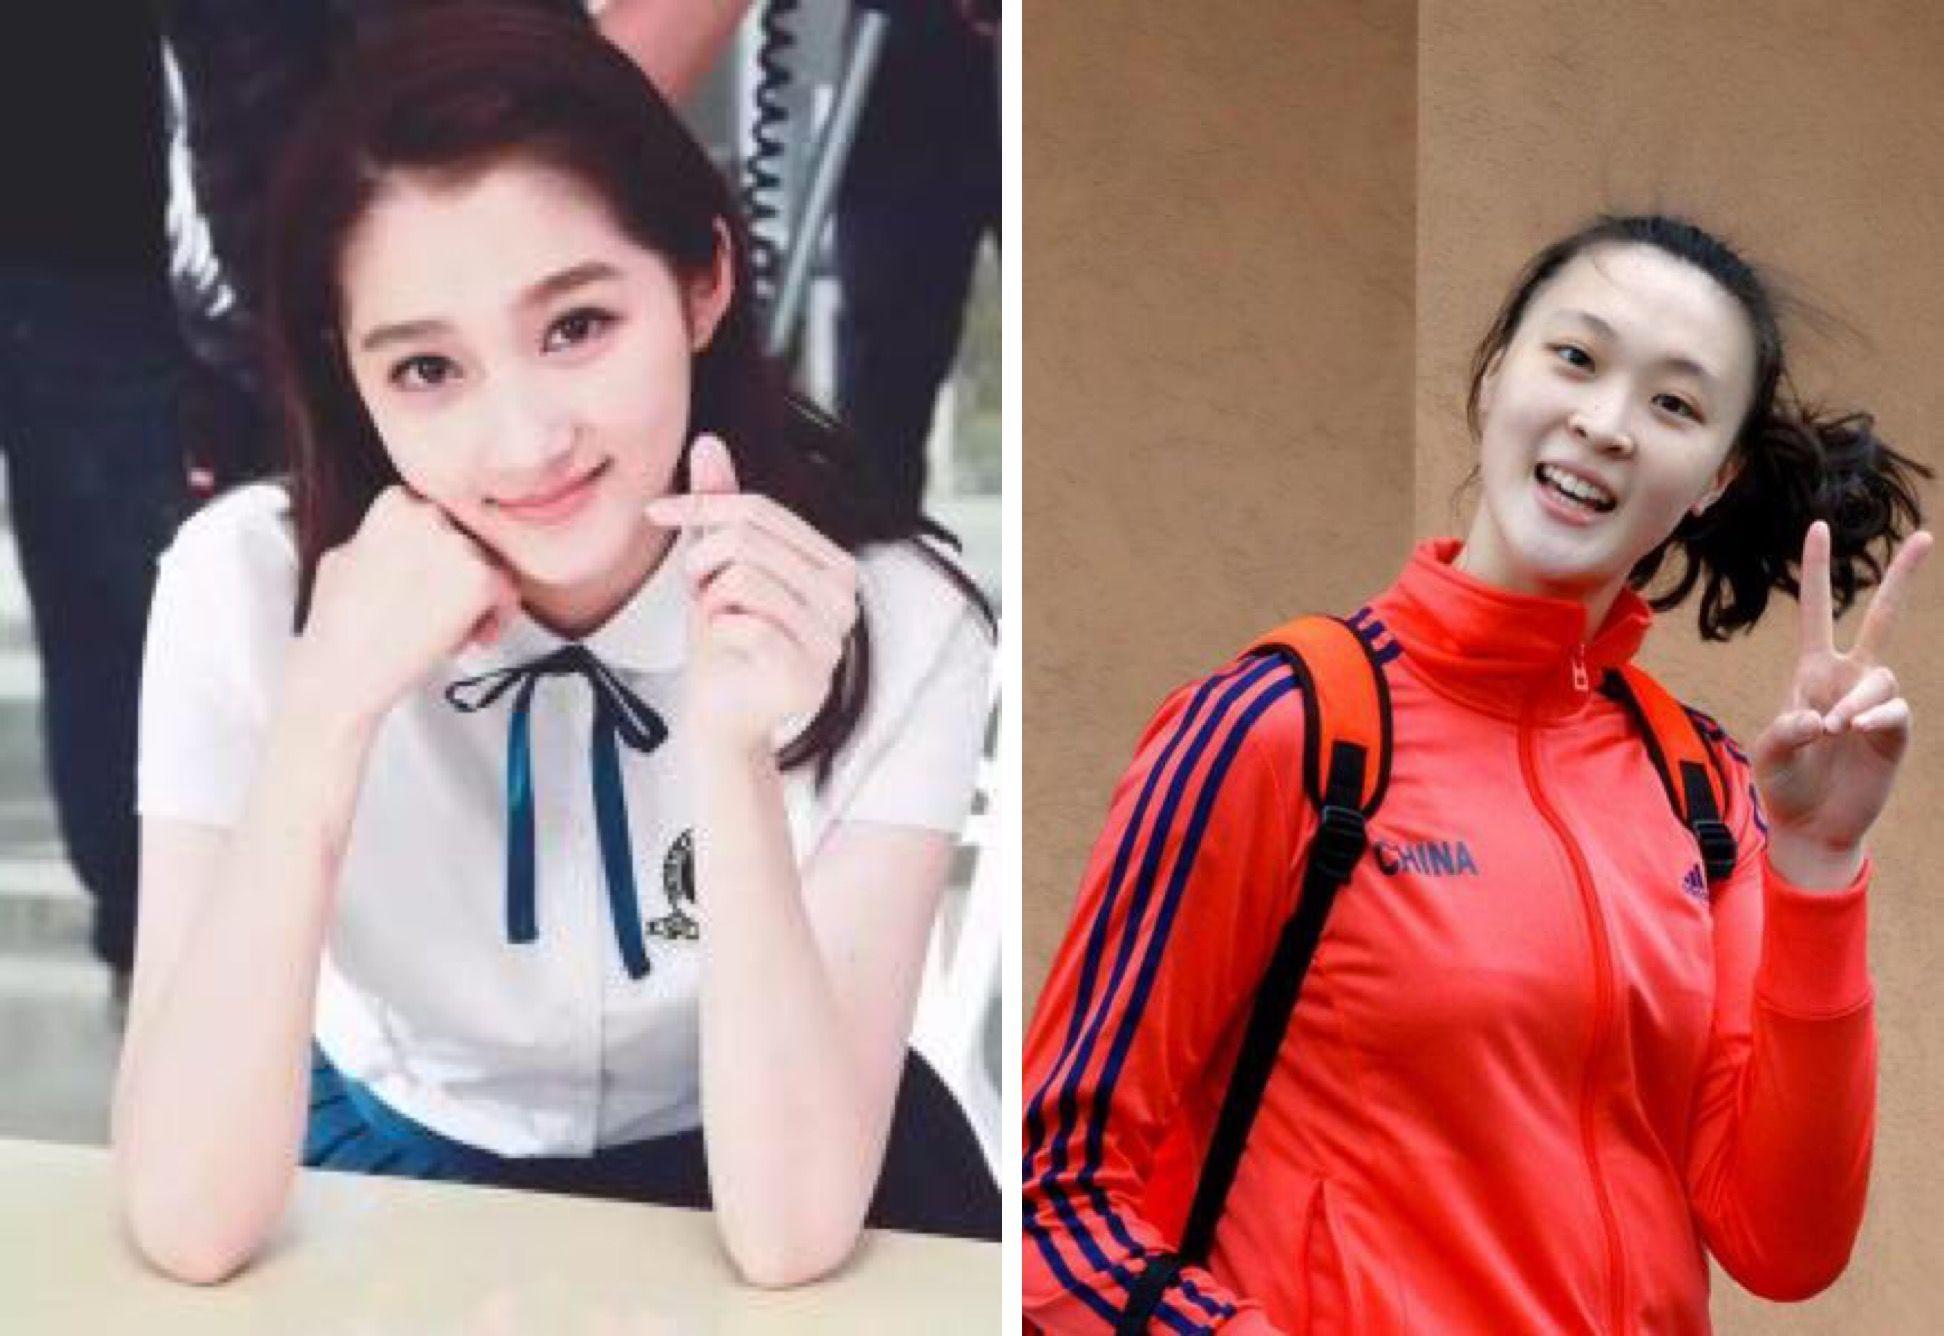 芭比娃娃出限量版 关晓彤惠若琪等三位华人女性入选